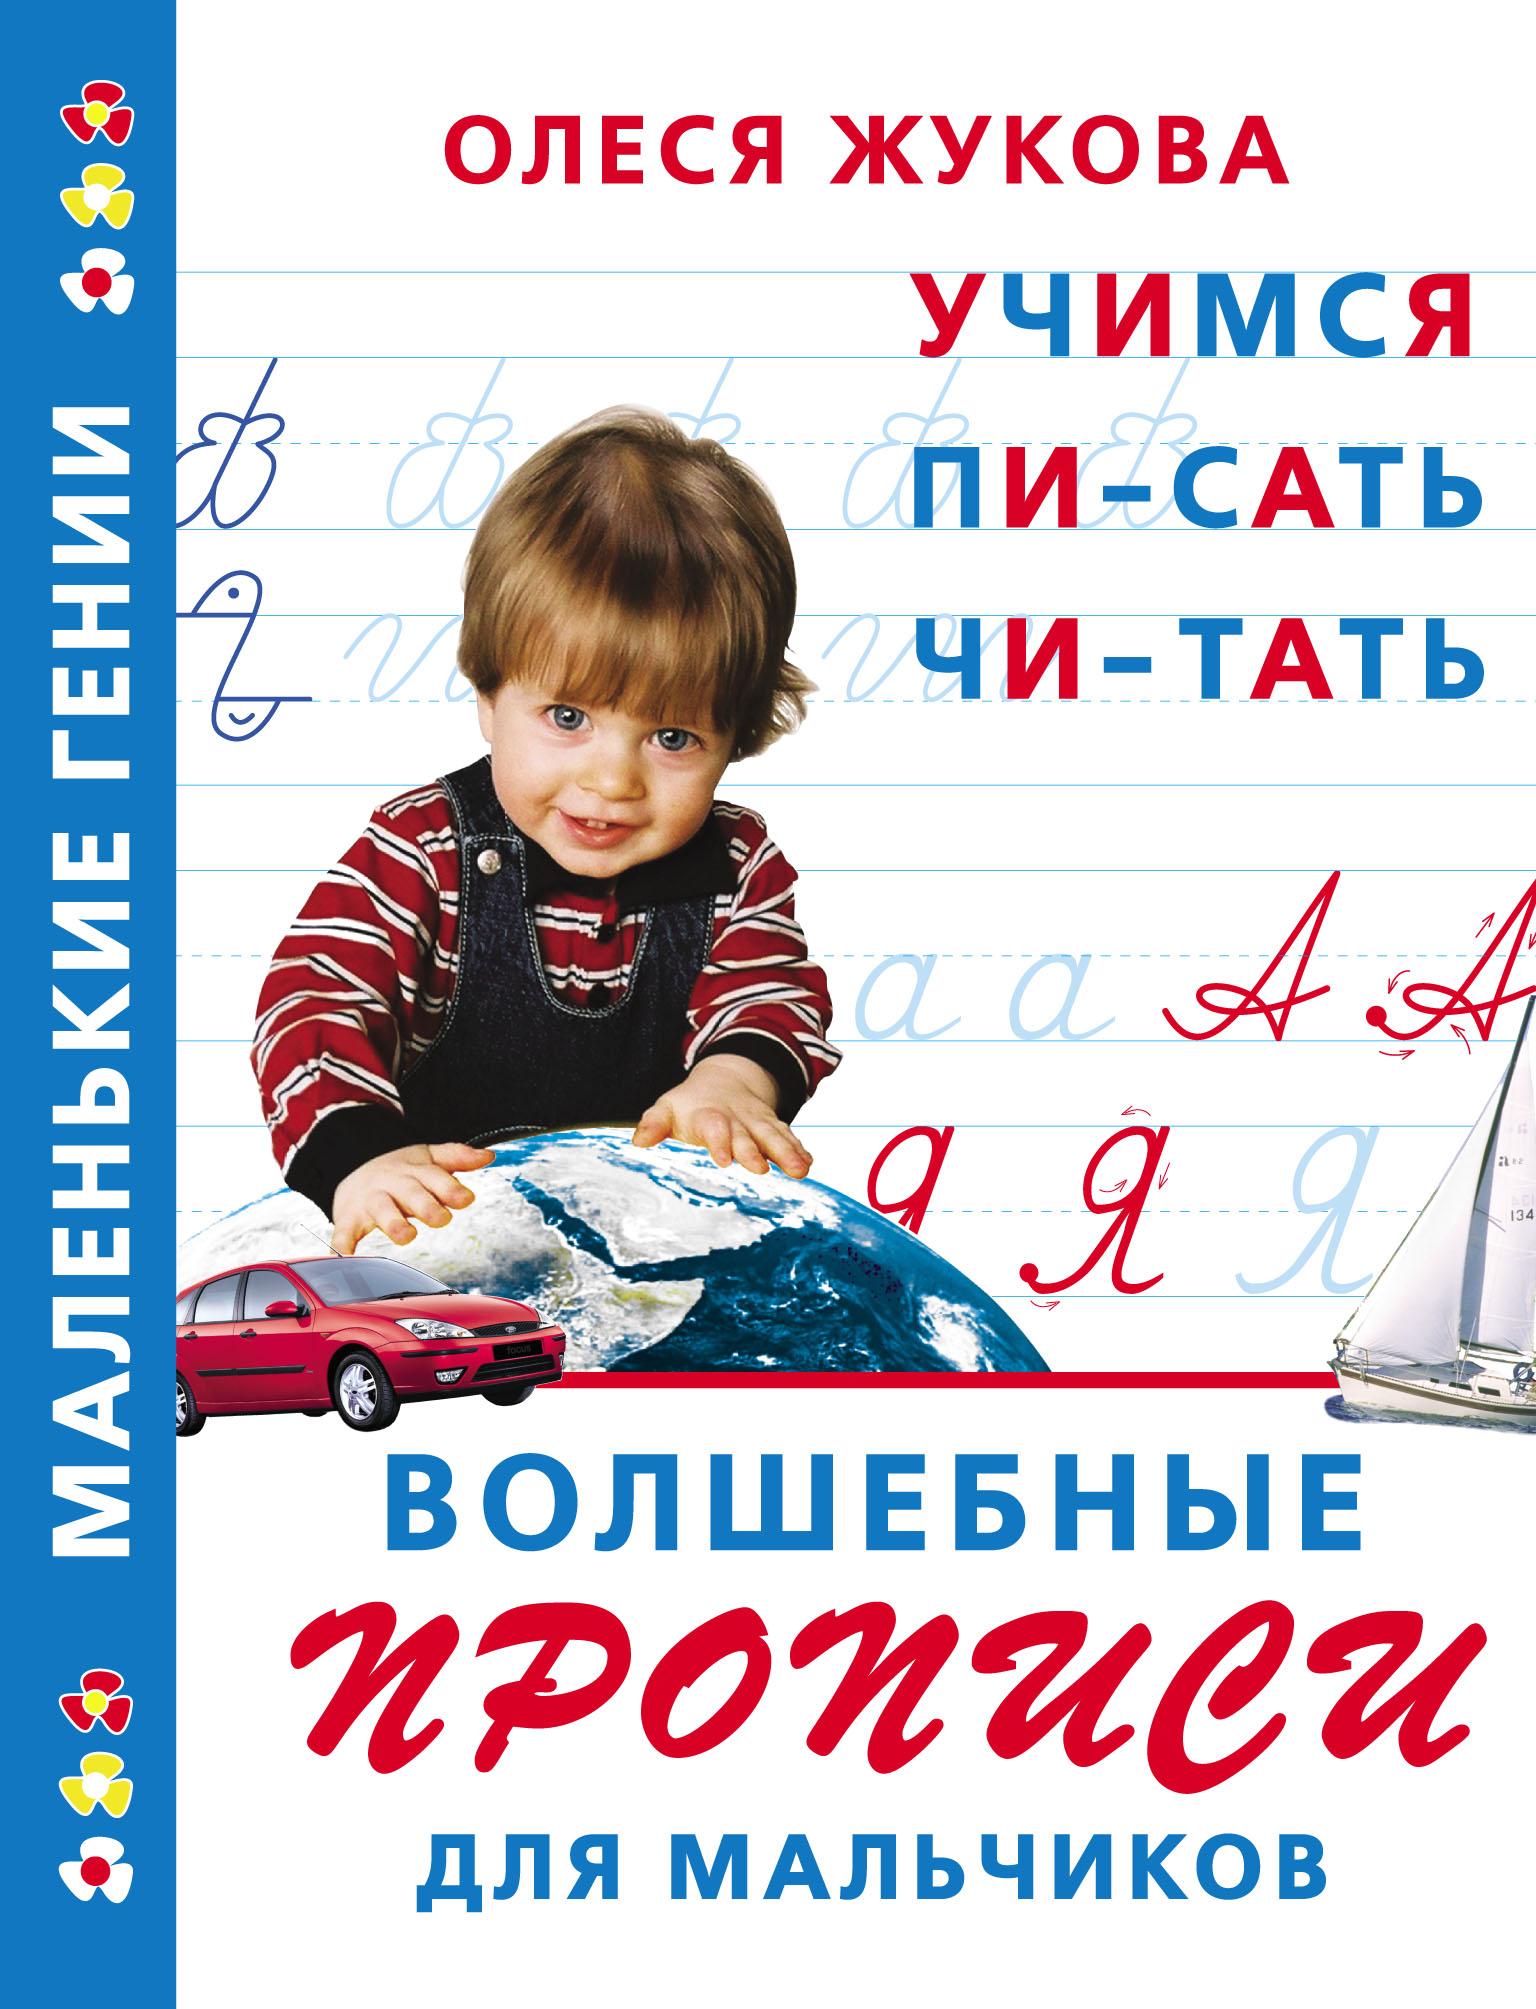 Олеся Жукова Волшебные прописи для мальчиков: учимся писать, читать